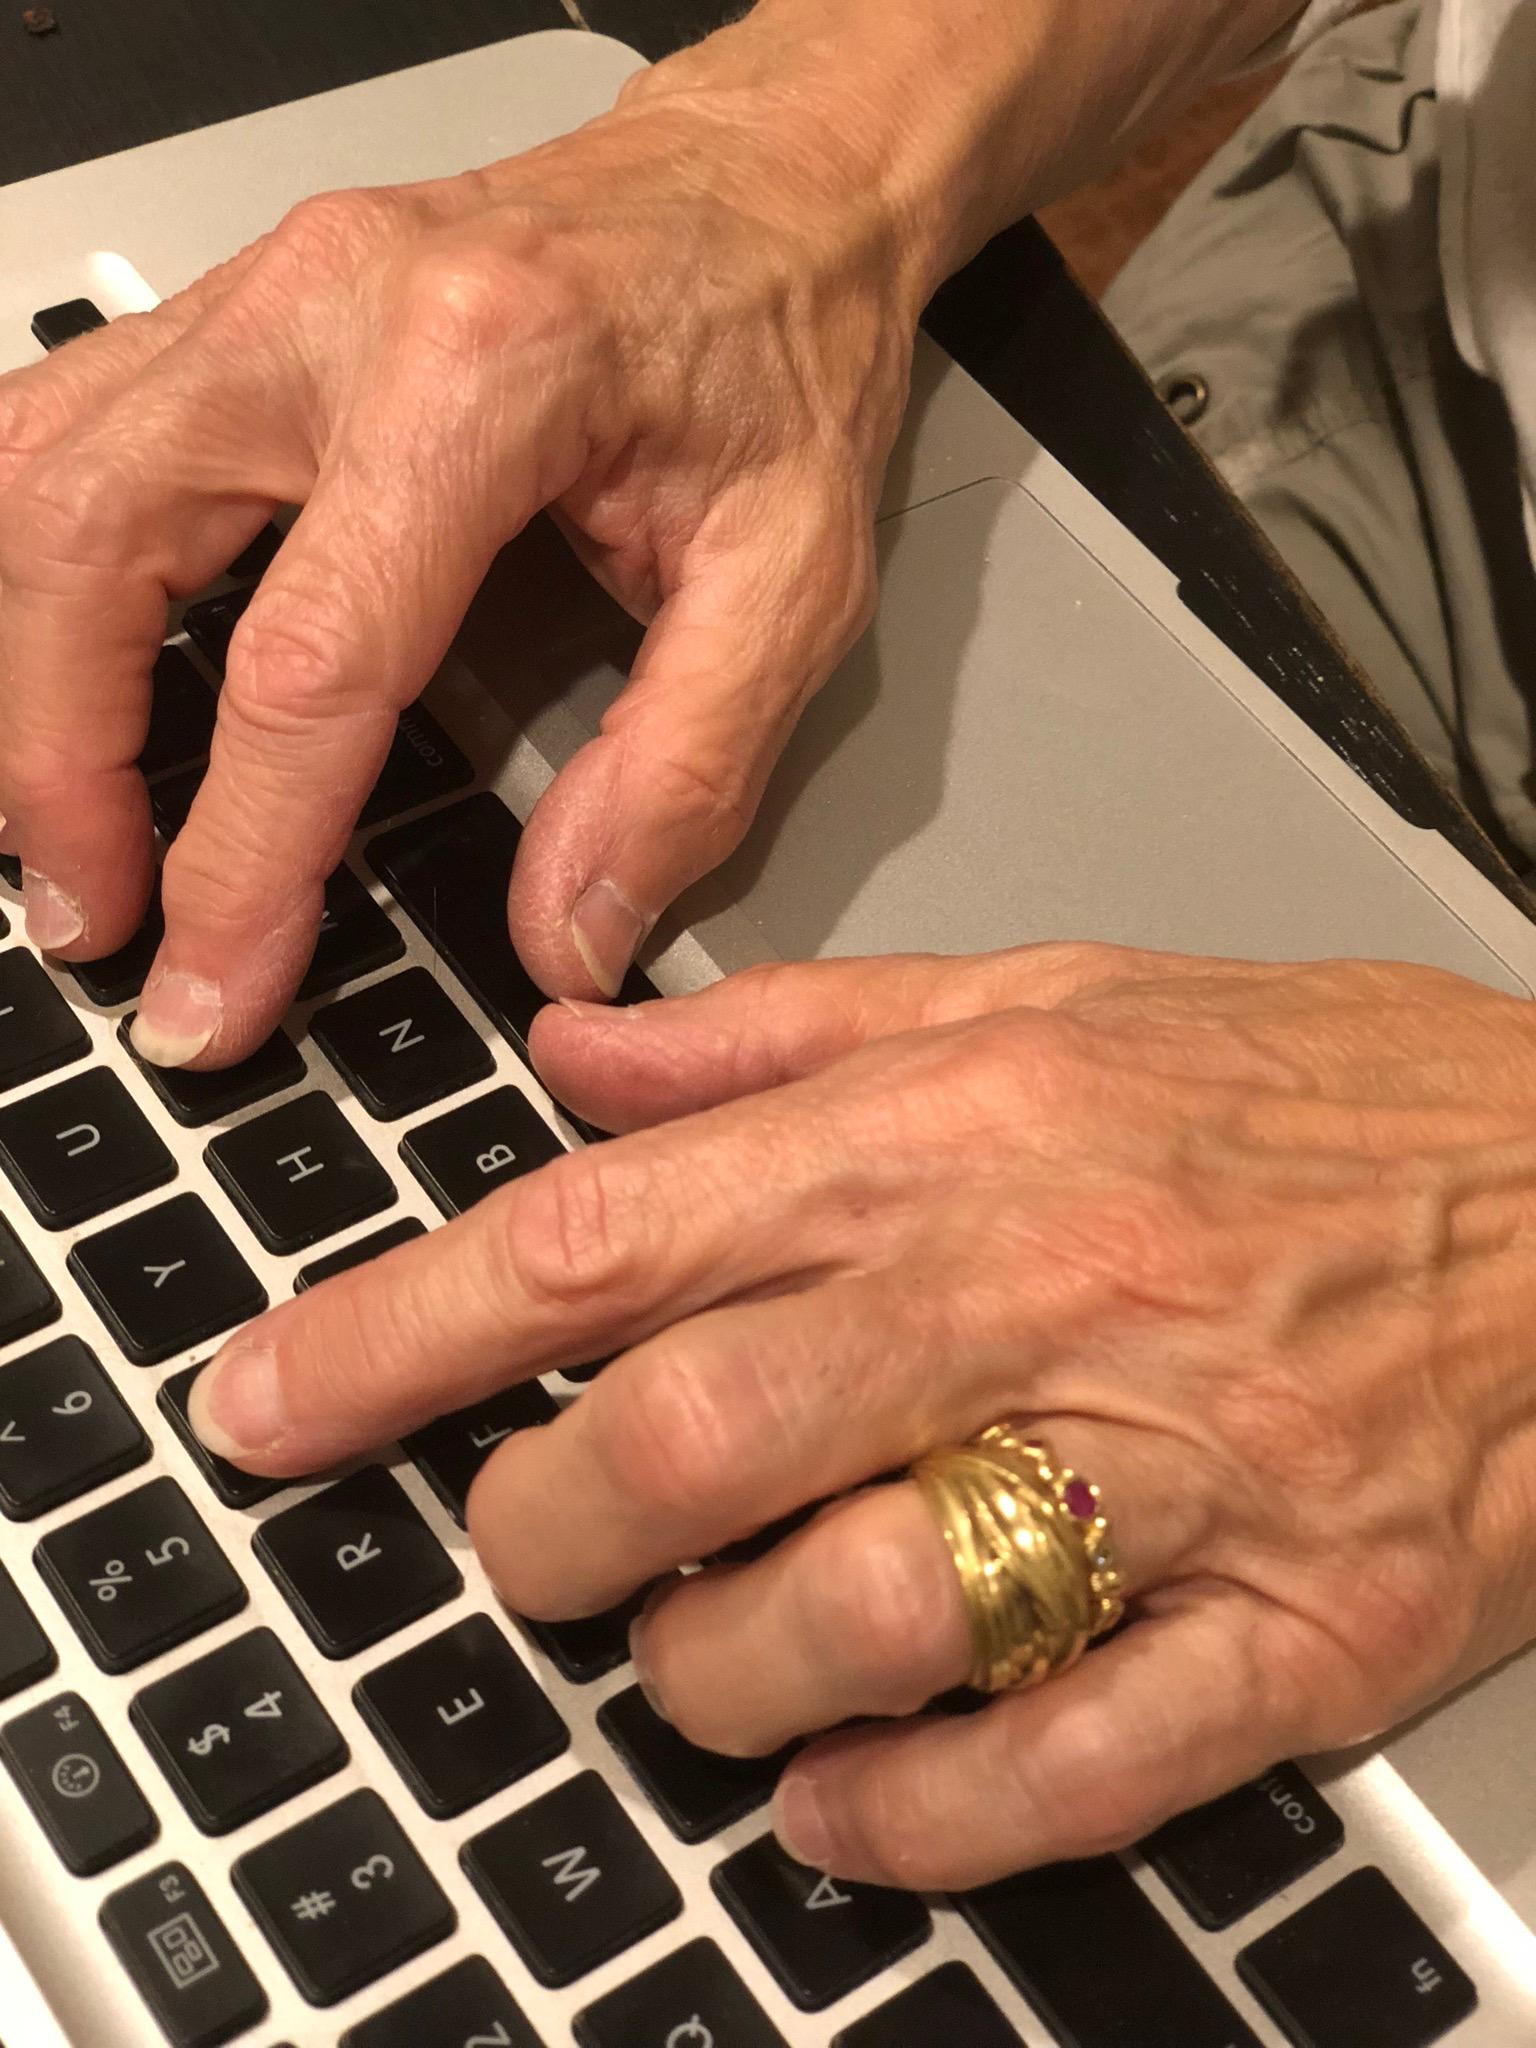 typinghands.jpg